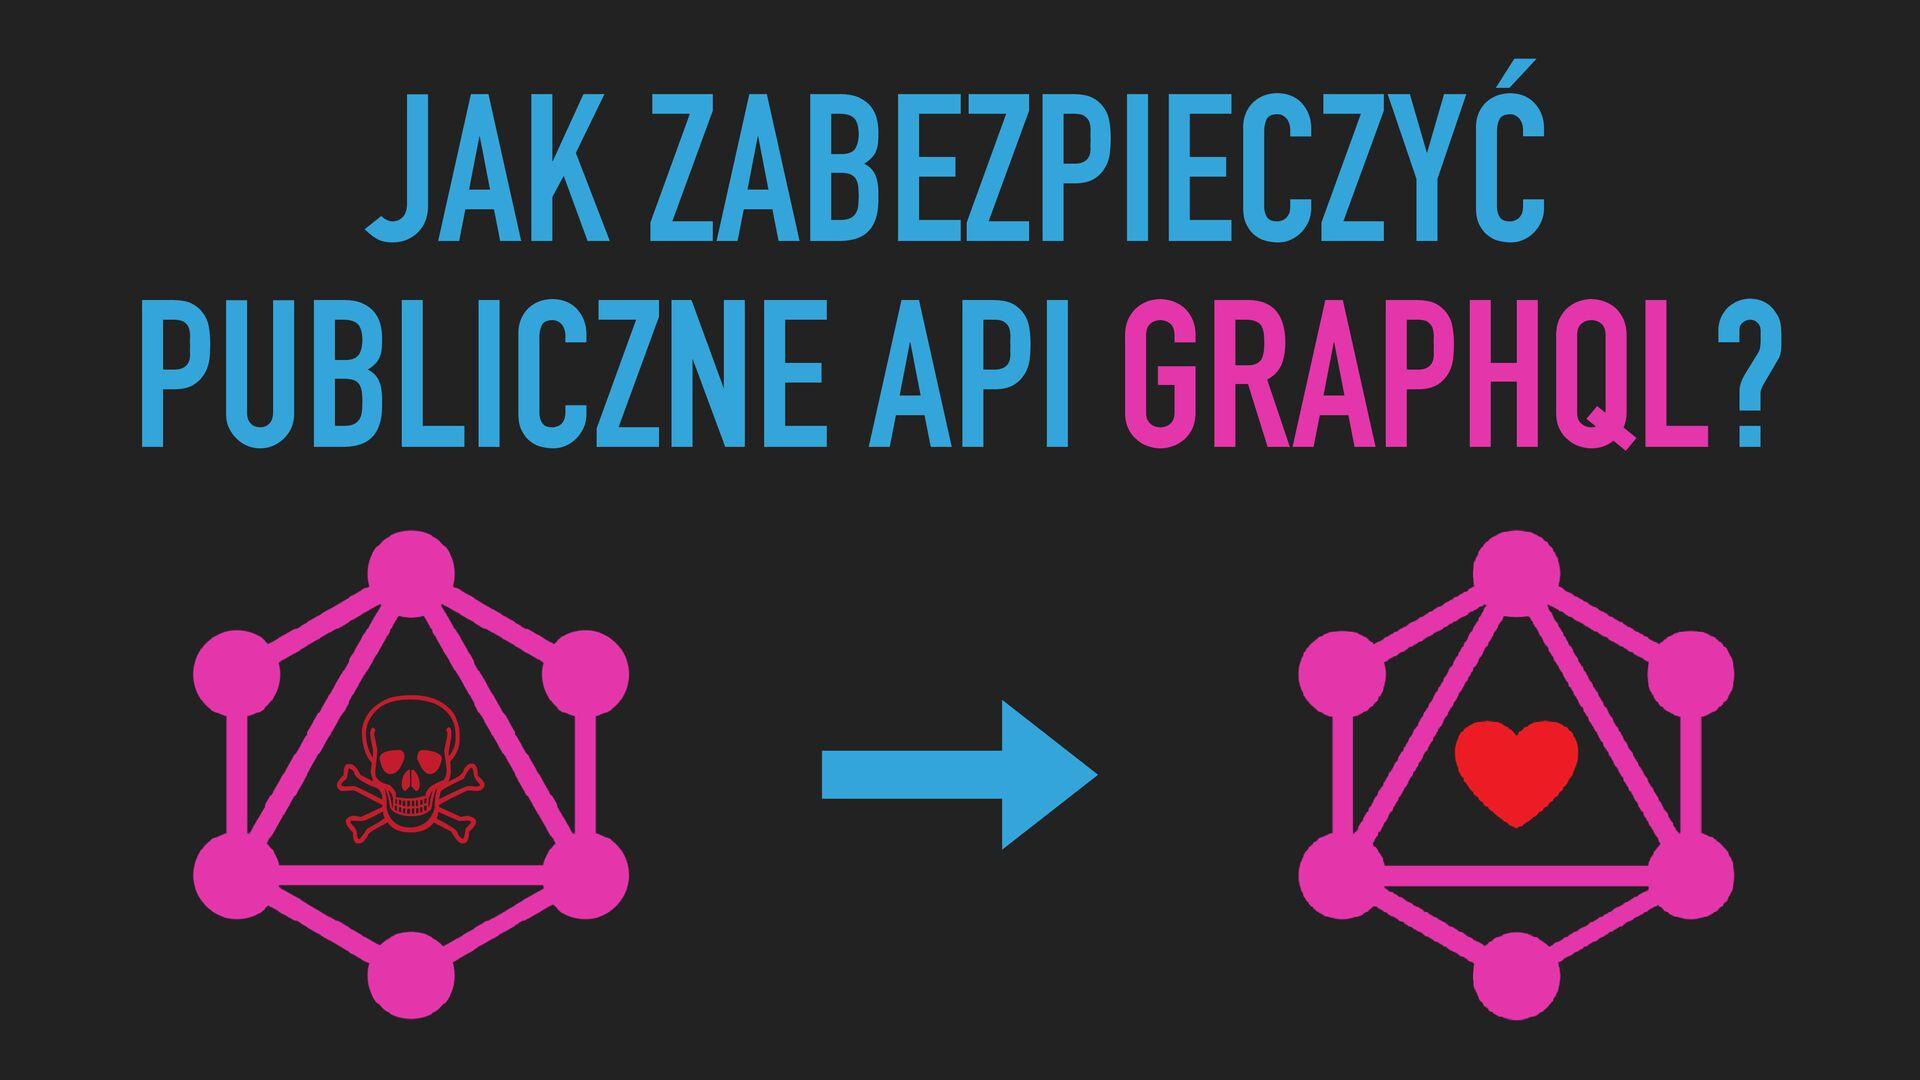 JAK ZABEZPIECZYĆ PUBLICZNE API GRAPHQL? ☠